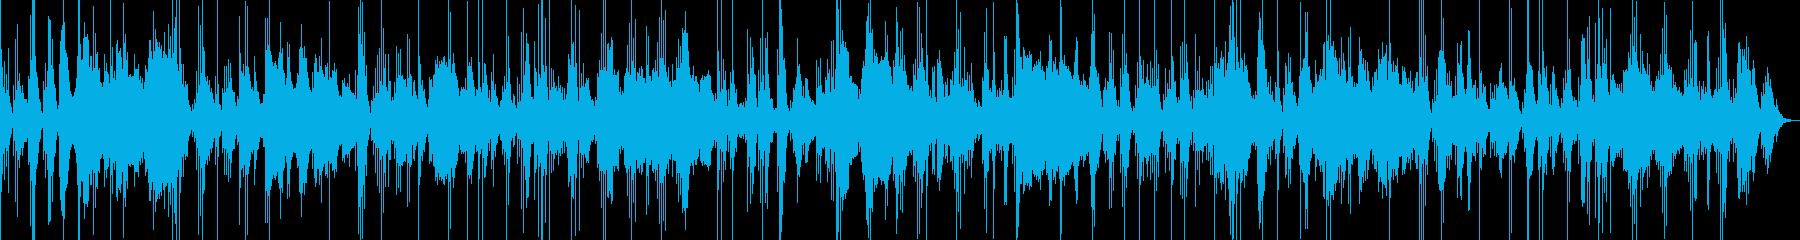 琴と尺八の合奏曲の再生済みの波形